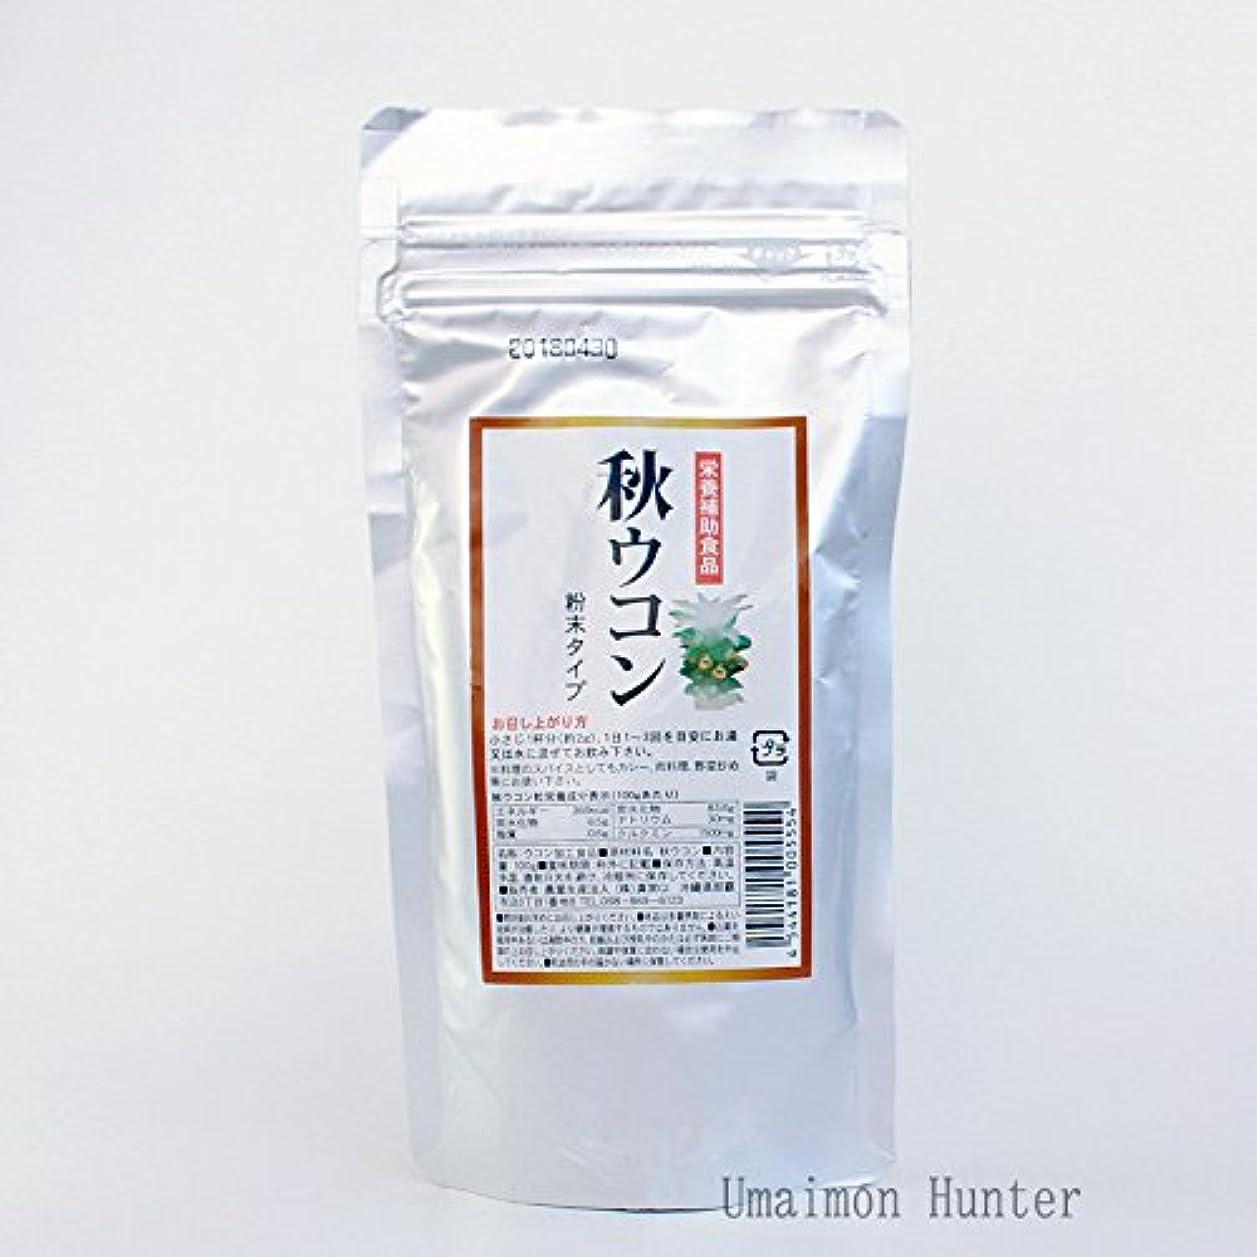 気付くチップ本秋ウコン粉末 アルミパック 100g×6袋 真常 クルクミンが豊富な秋ウコン粉末タイプ 栄養補助食品 沖縄土産に最適